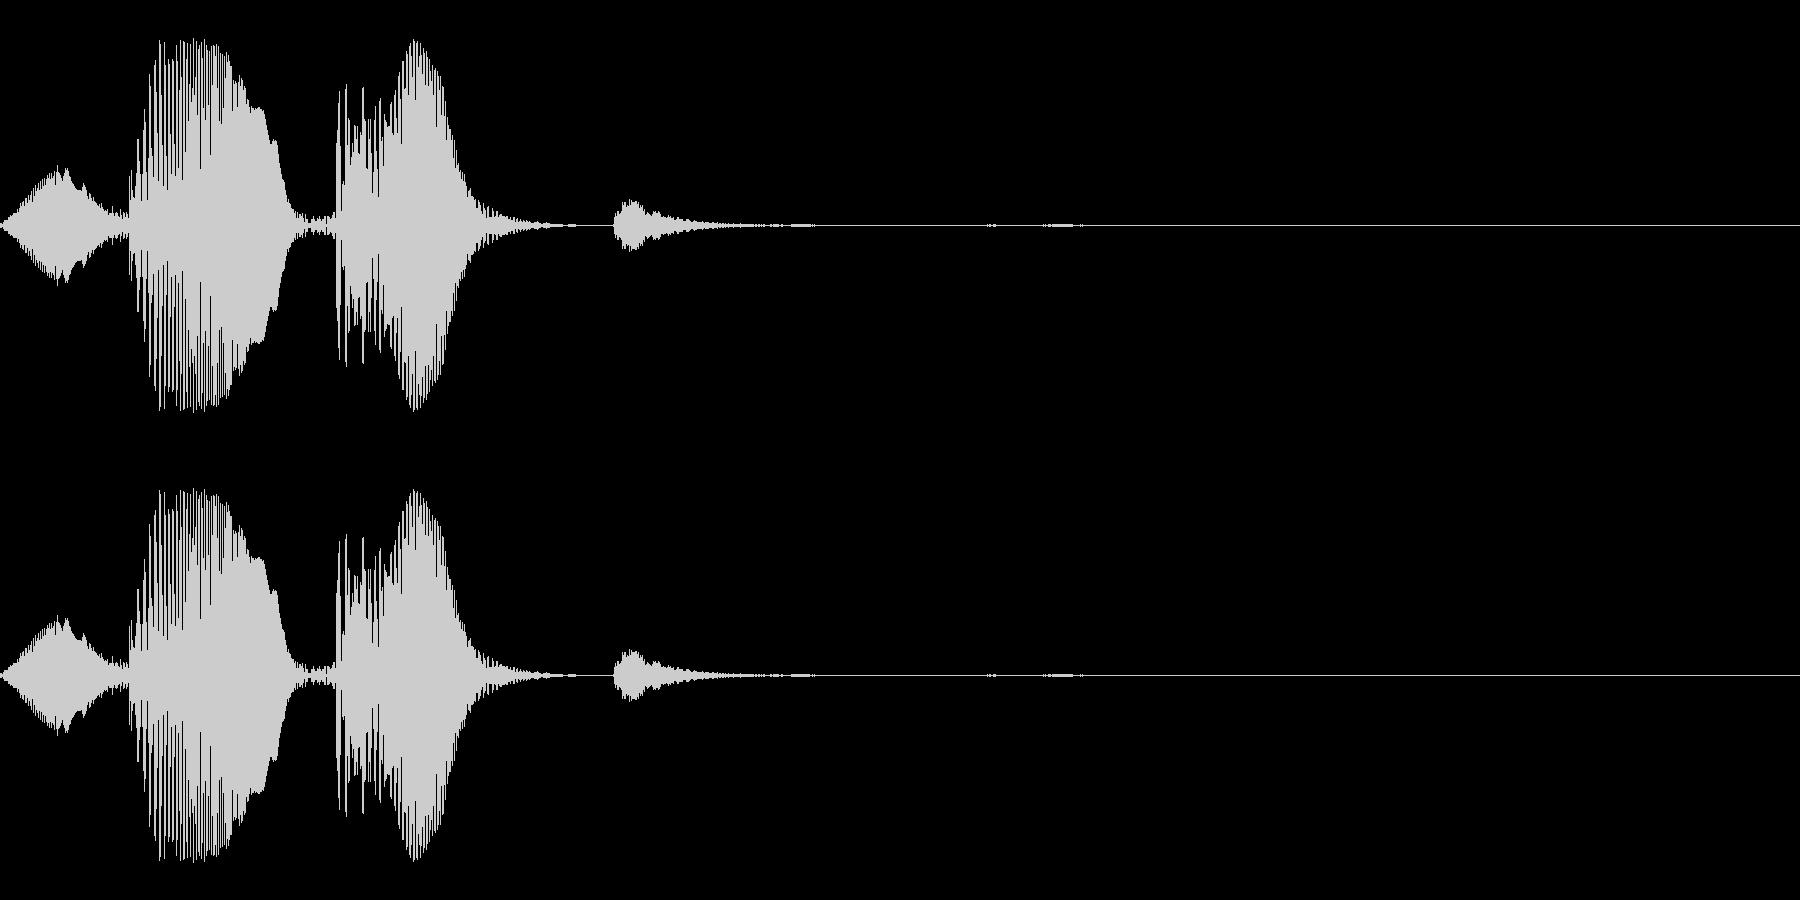 キャンセル等のイメージのシステム効果音…の未再生の波形